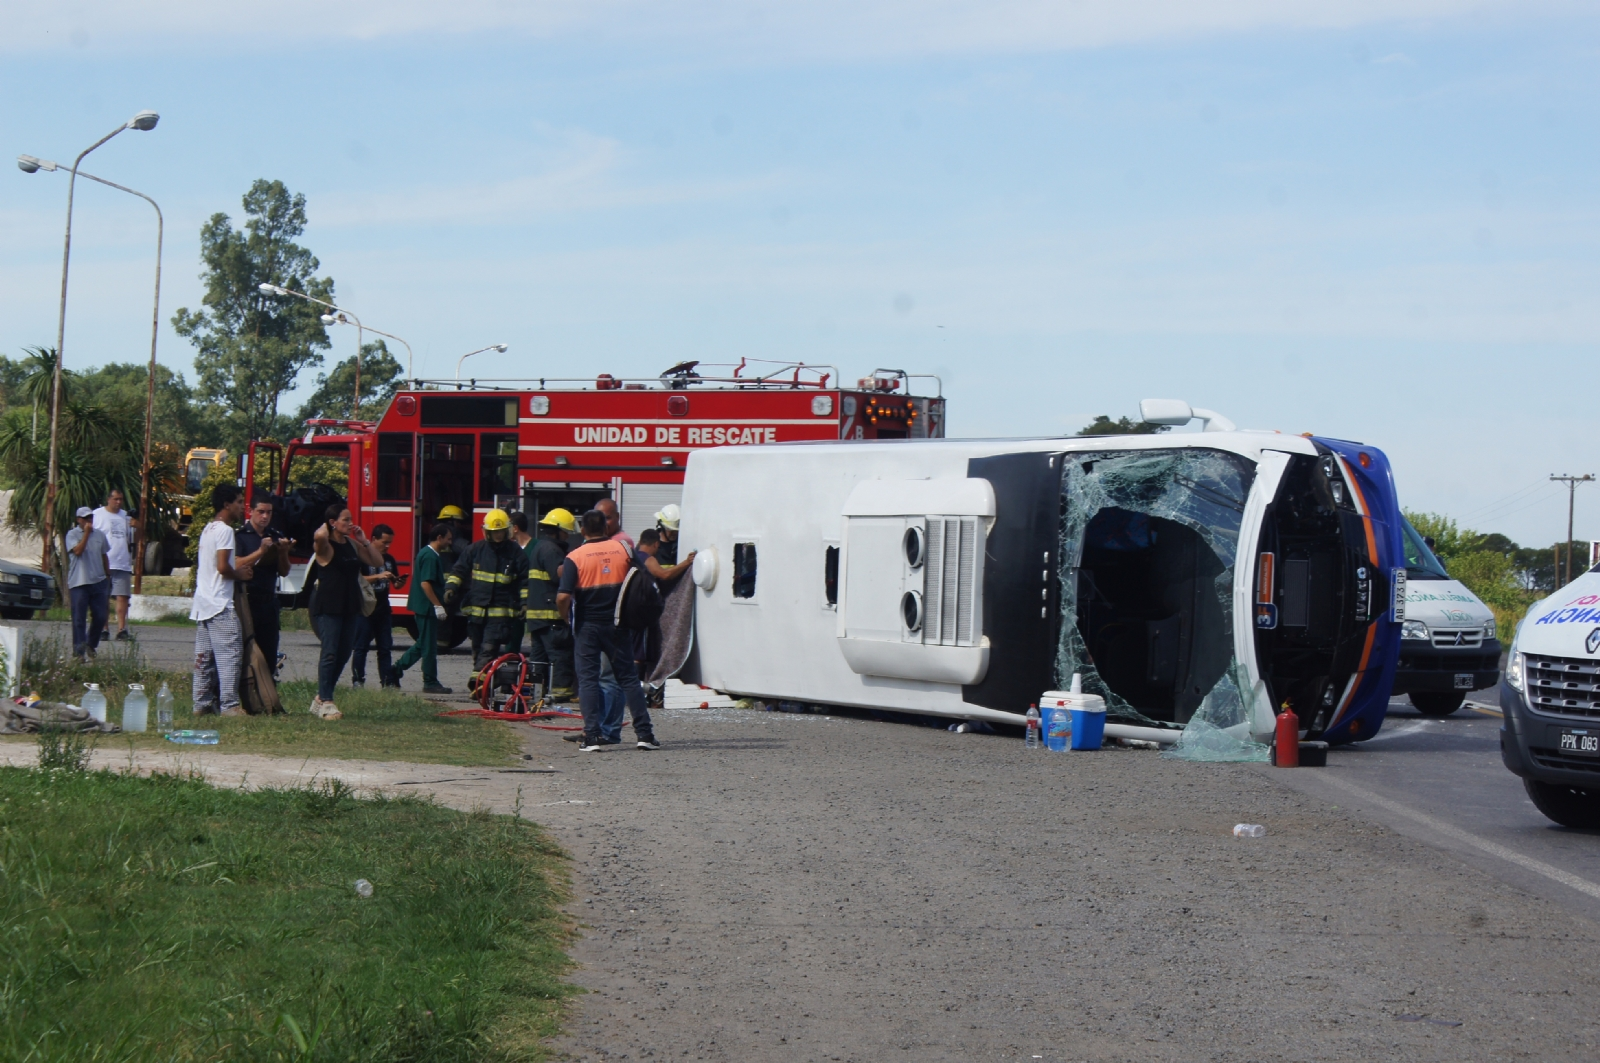 Volcó un minibus en Chivilcoy: un muerto y 19 heridos graves